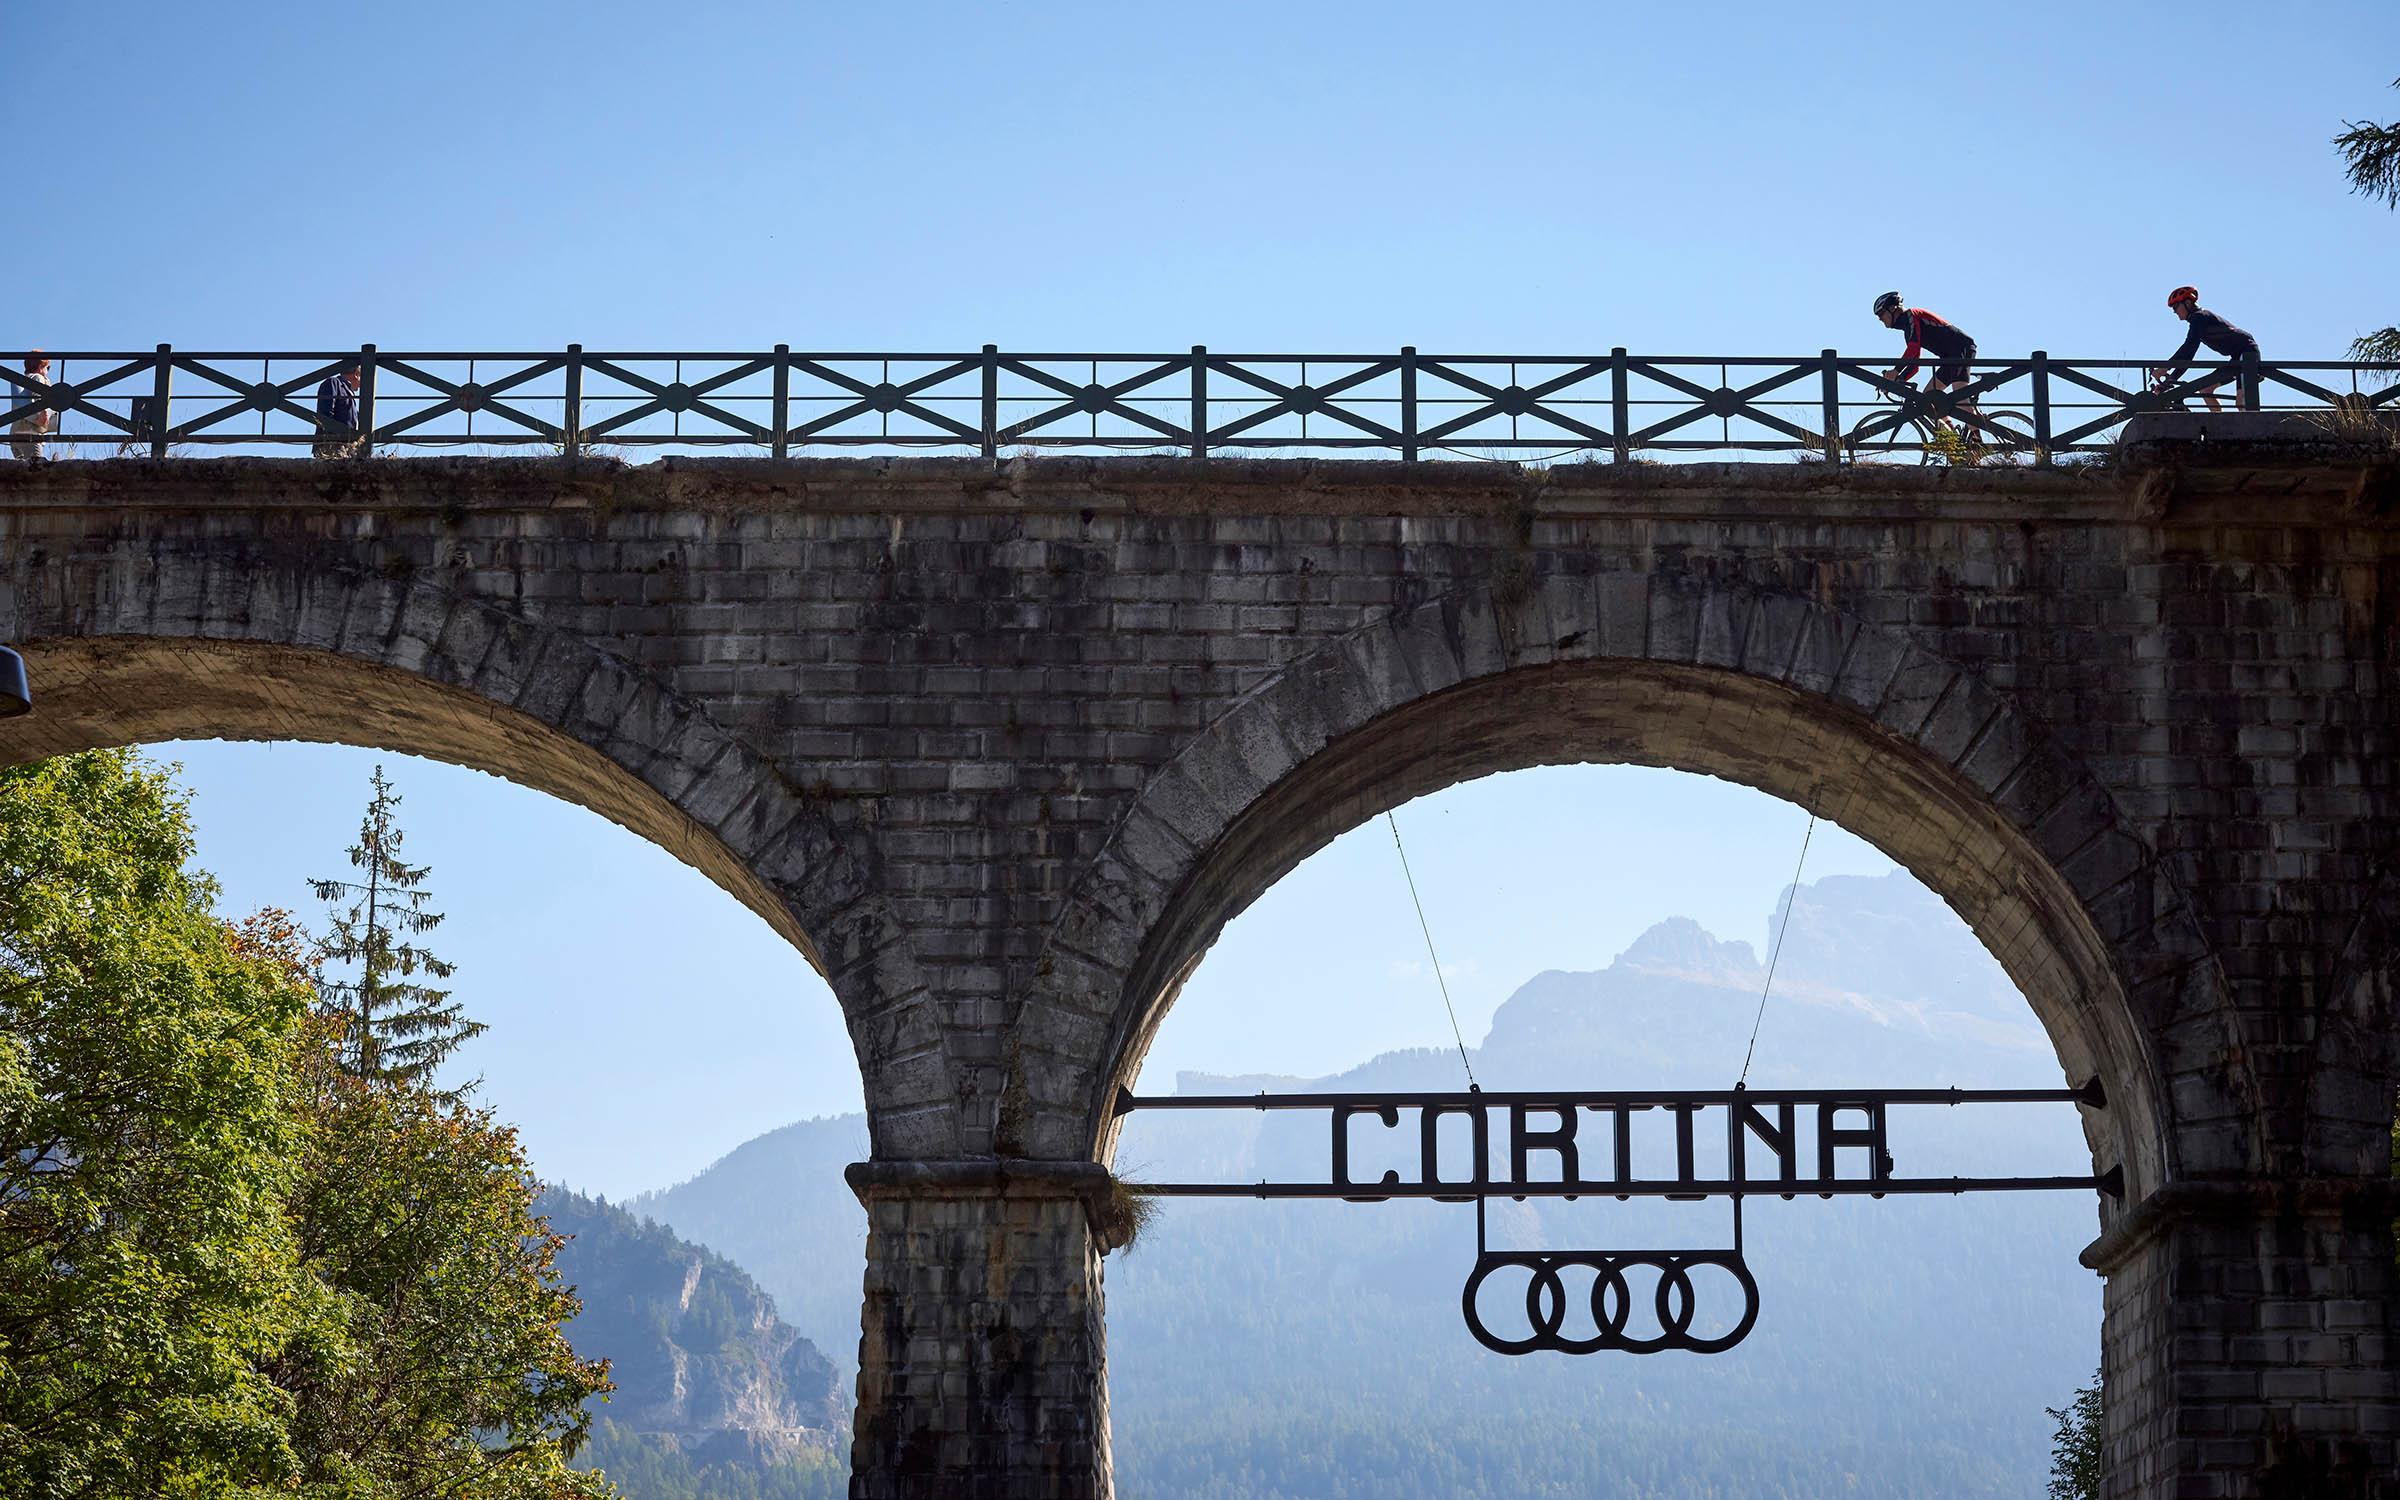 In Cortina begint de fietsroute over het voormalige spoortracé naar Toblach.